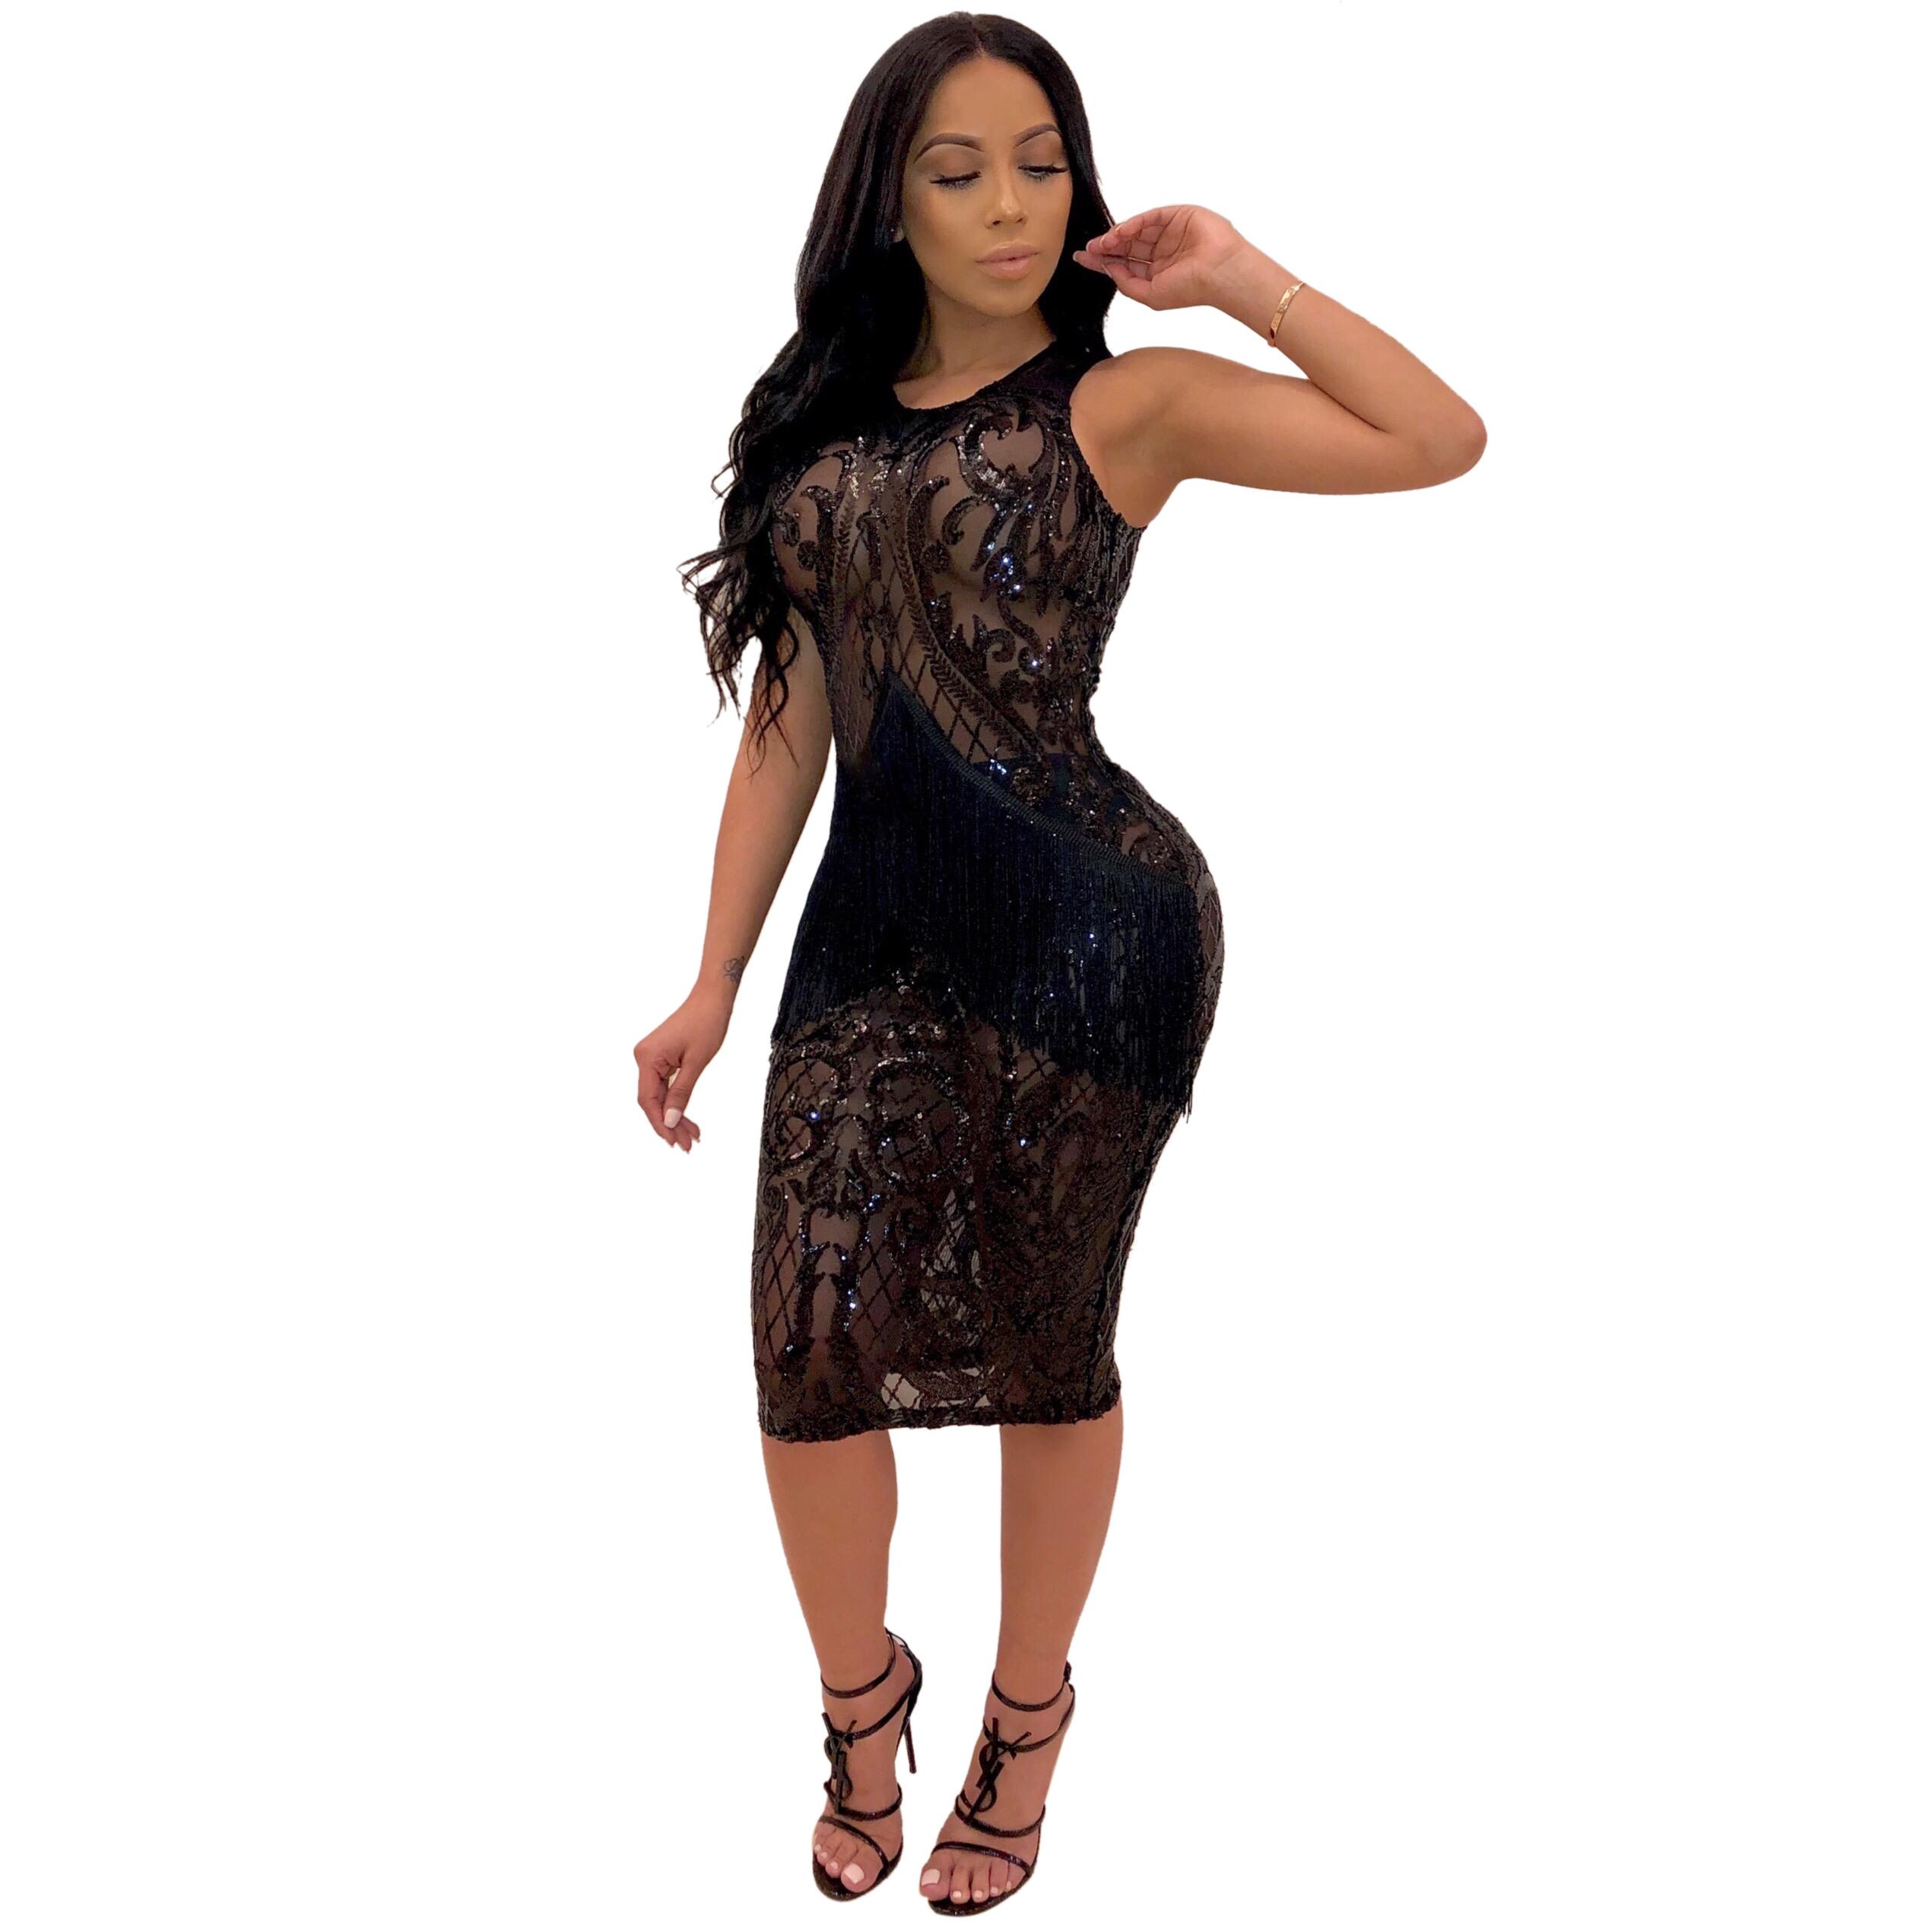 13 Genial Abendkleider Figurbetont für 201910 Ausgezeichnet Abendkleider Figurbetont Spezialgebiet